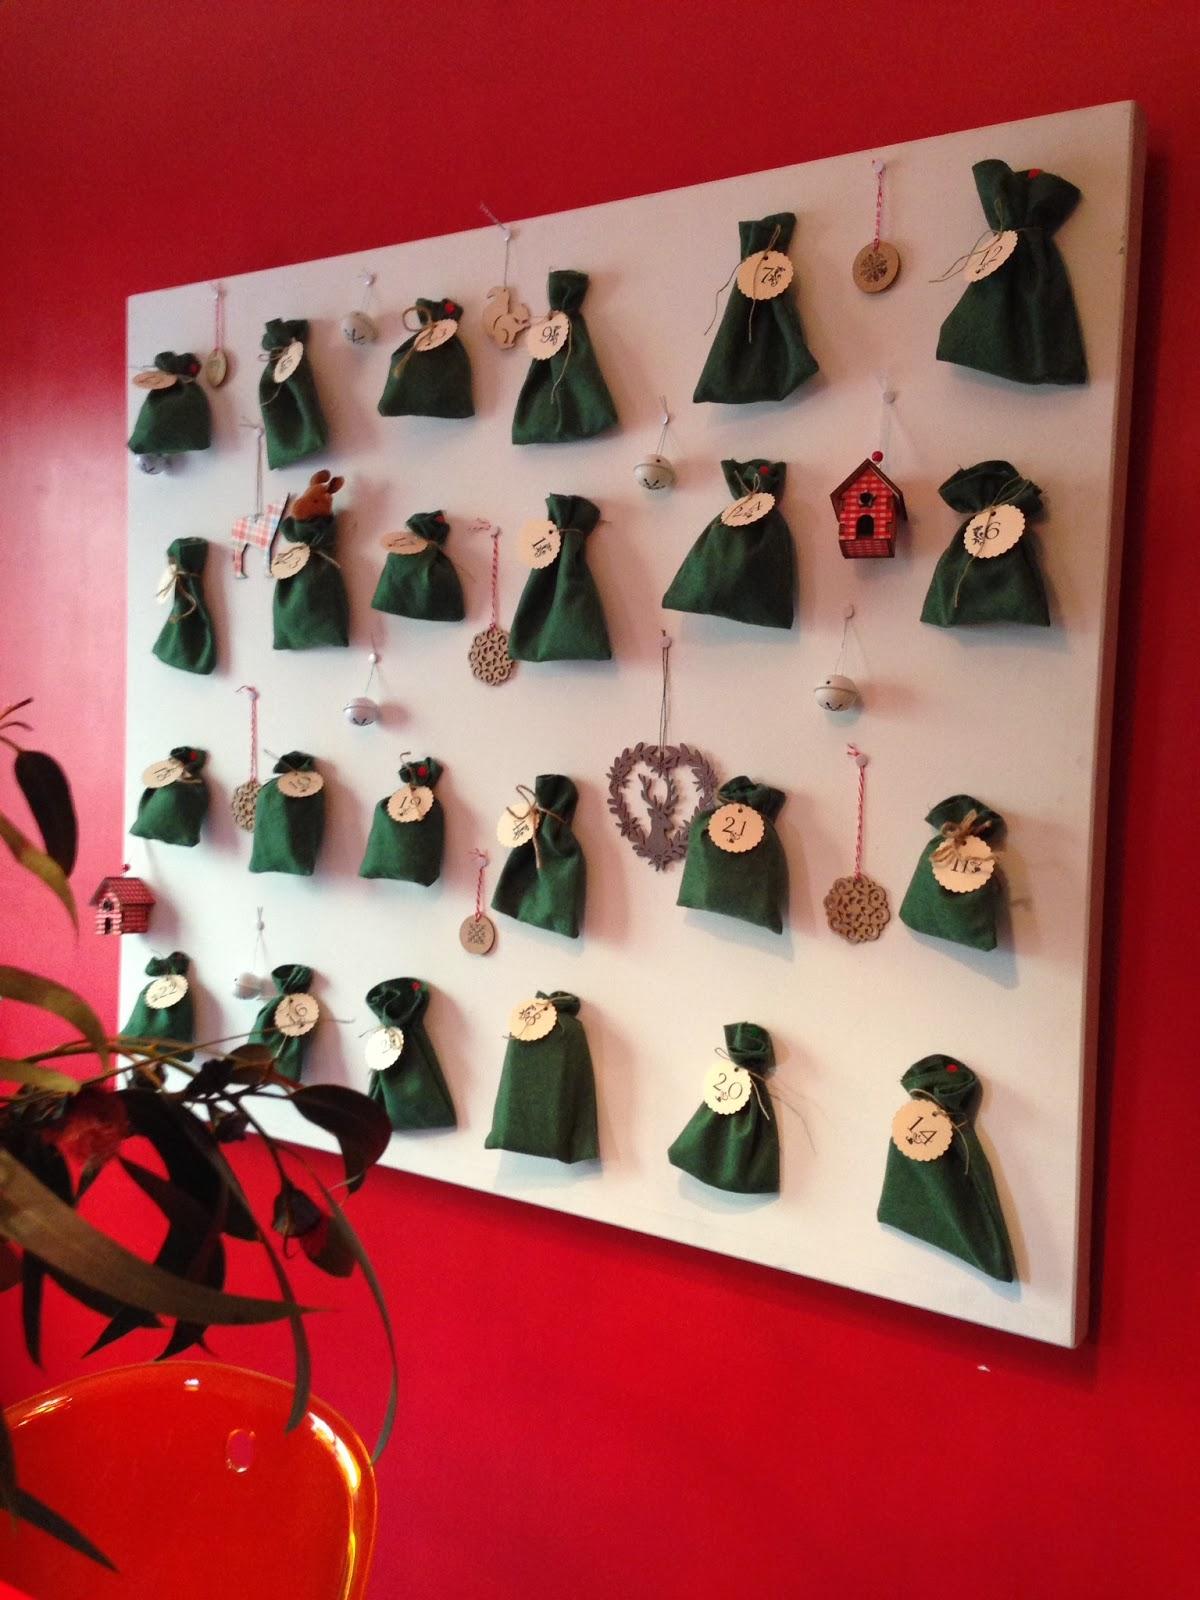 Olga belichenco crafts el calendario de adviento for Calendario de adviento casero